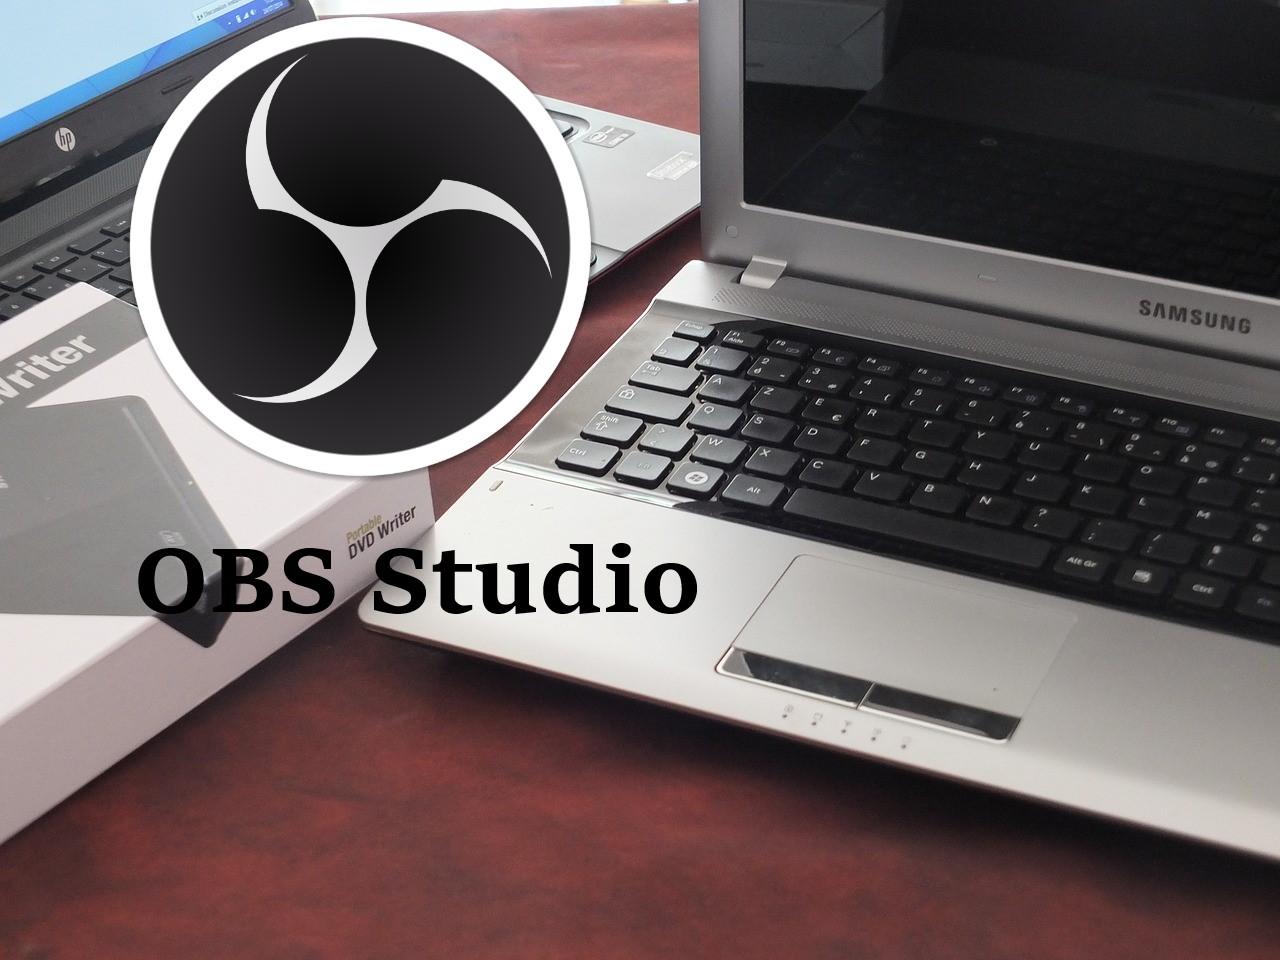 OBS를 이용한 나만의 수업 디딤 영상 만들기(2기)